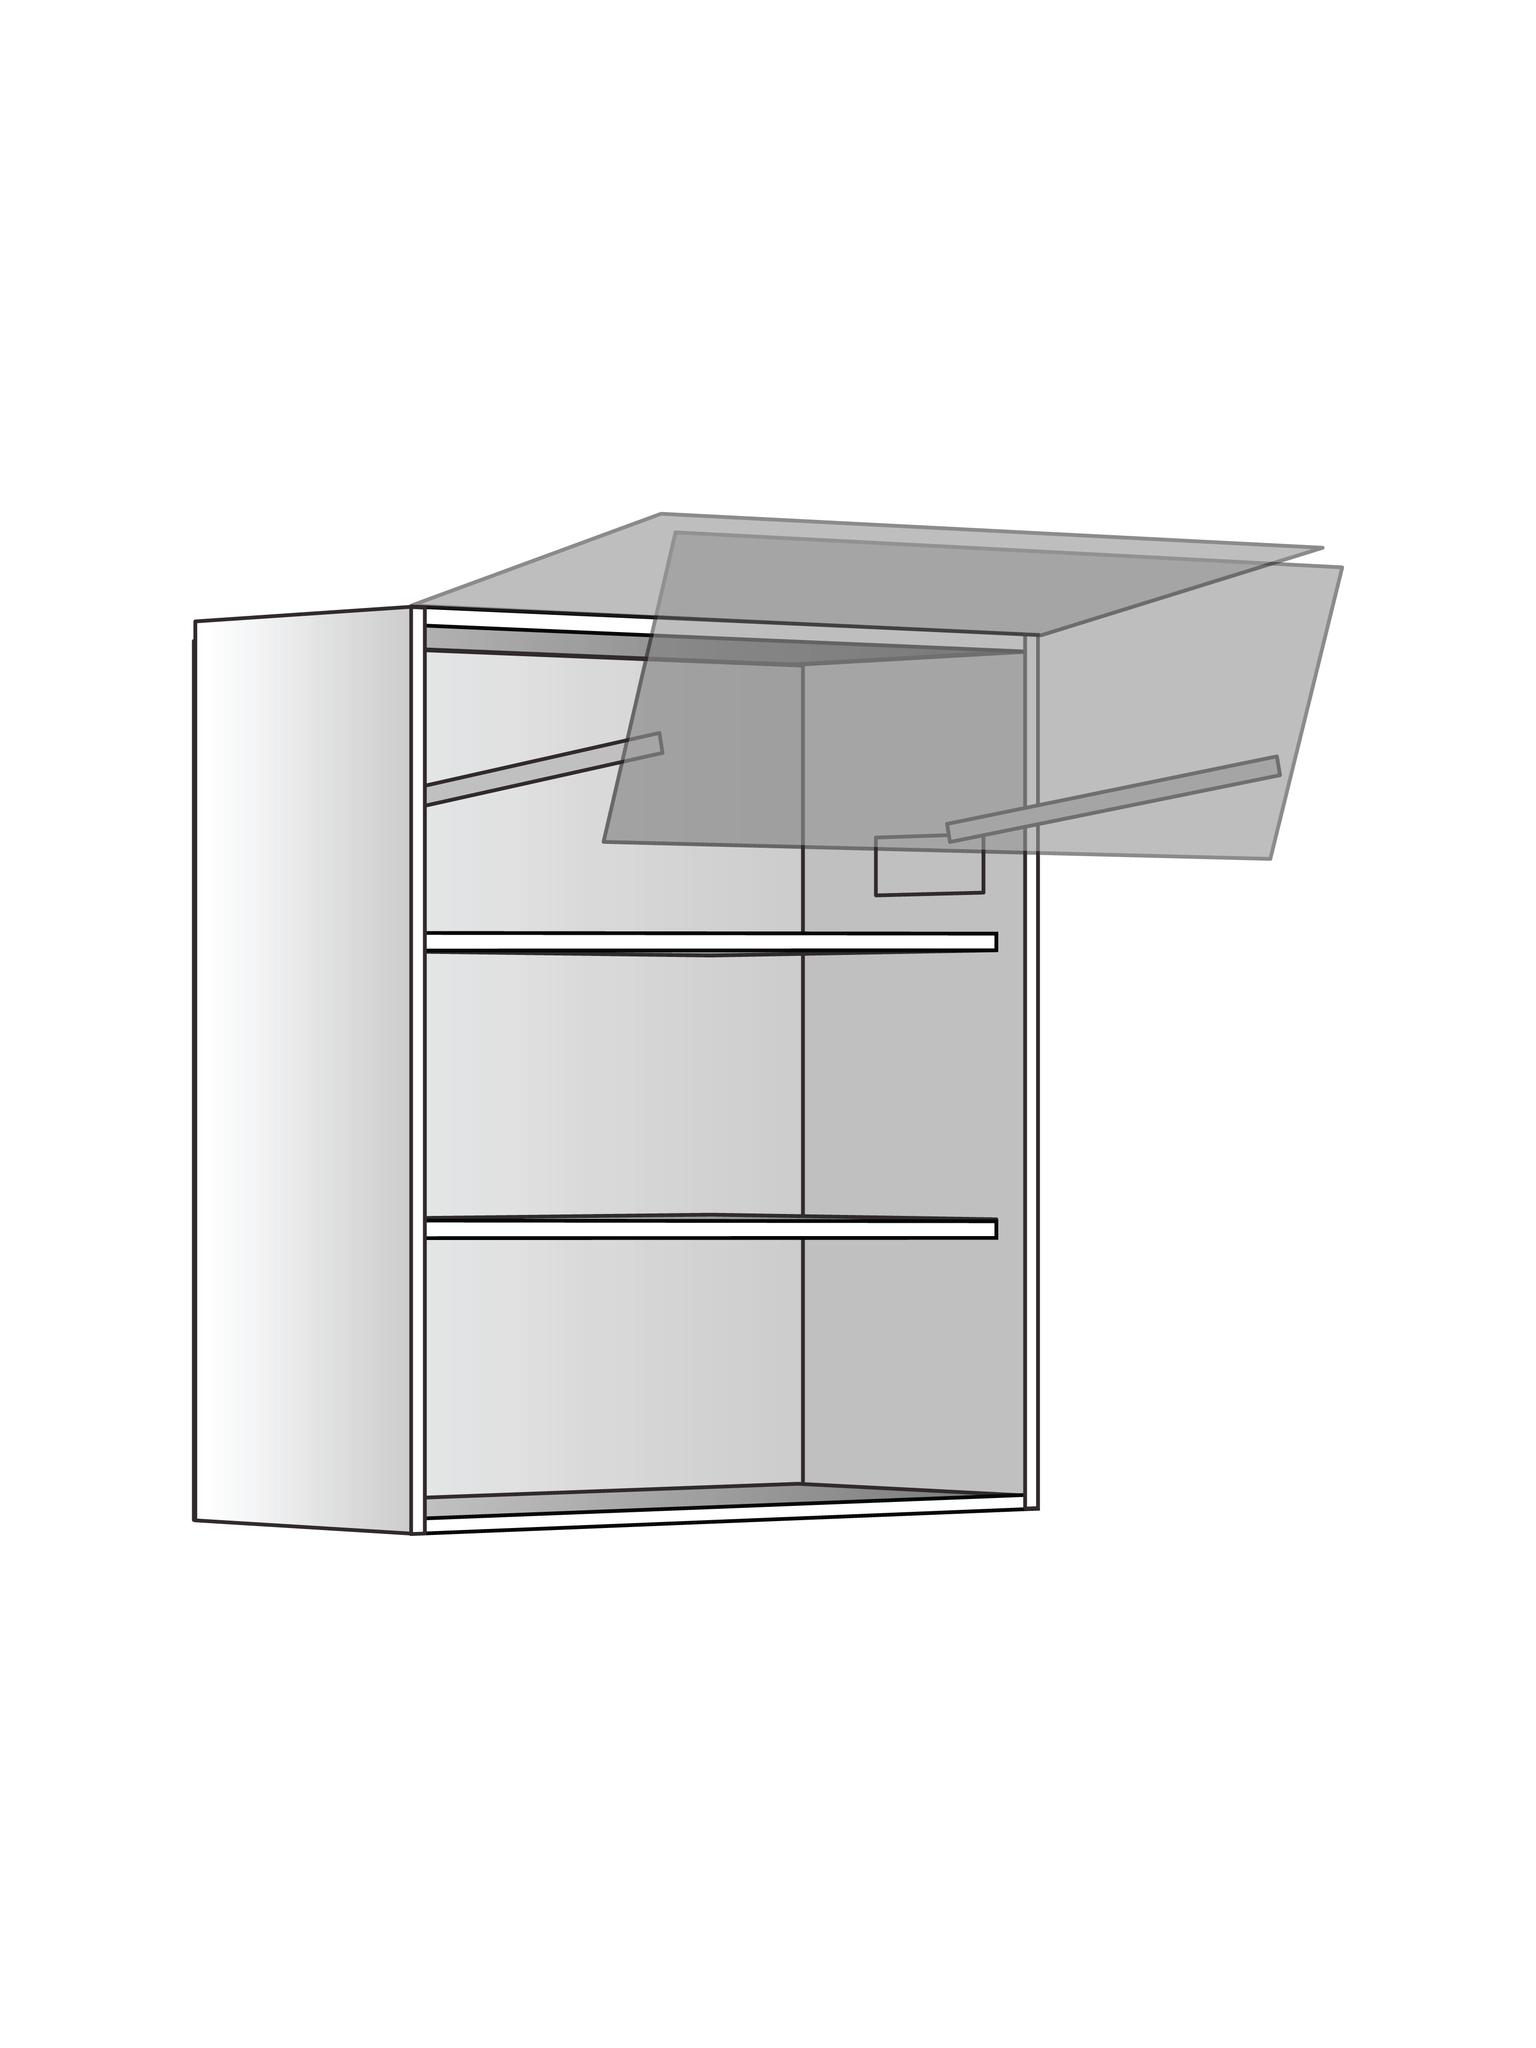 Верхний шкаф c 2 полками и подъемником, 720Х600 мм